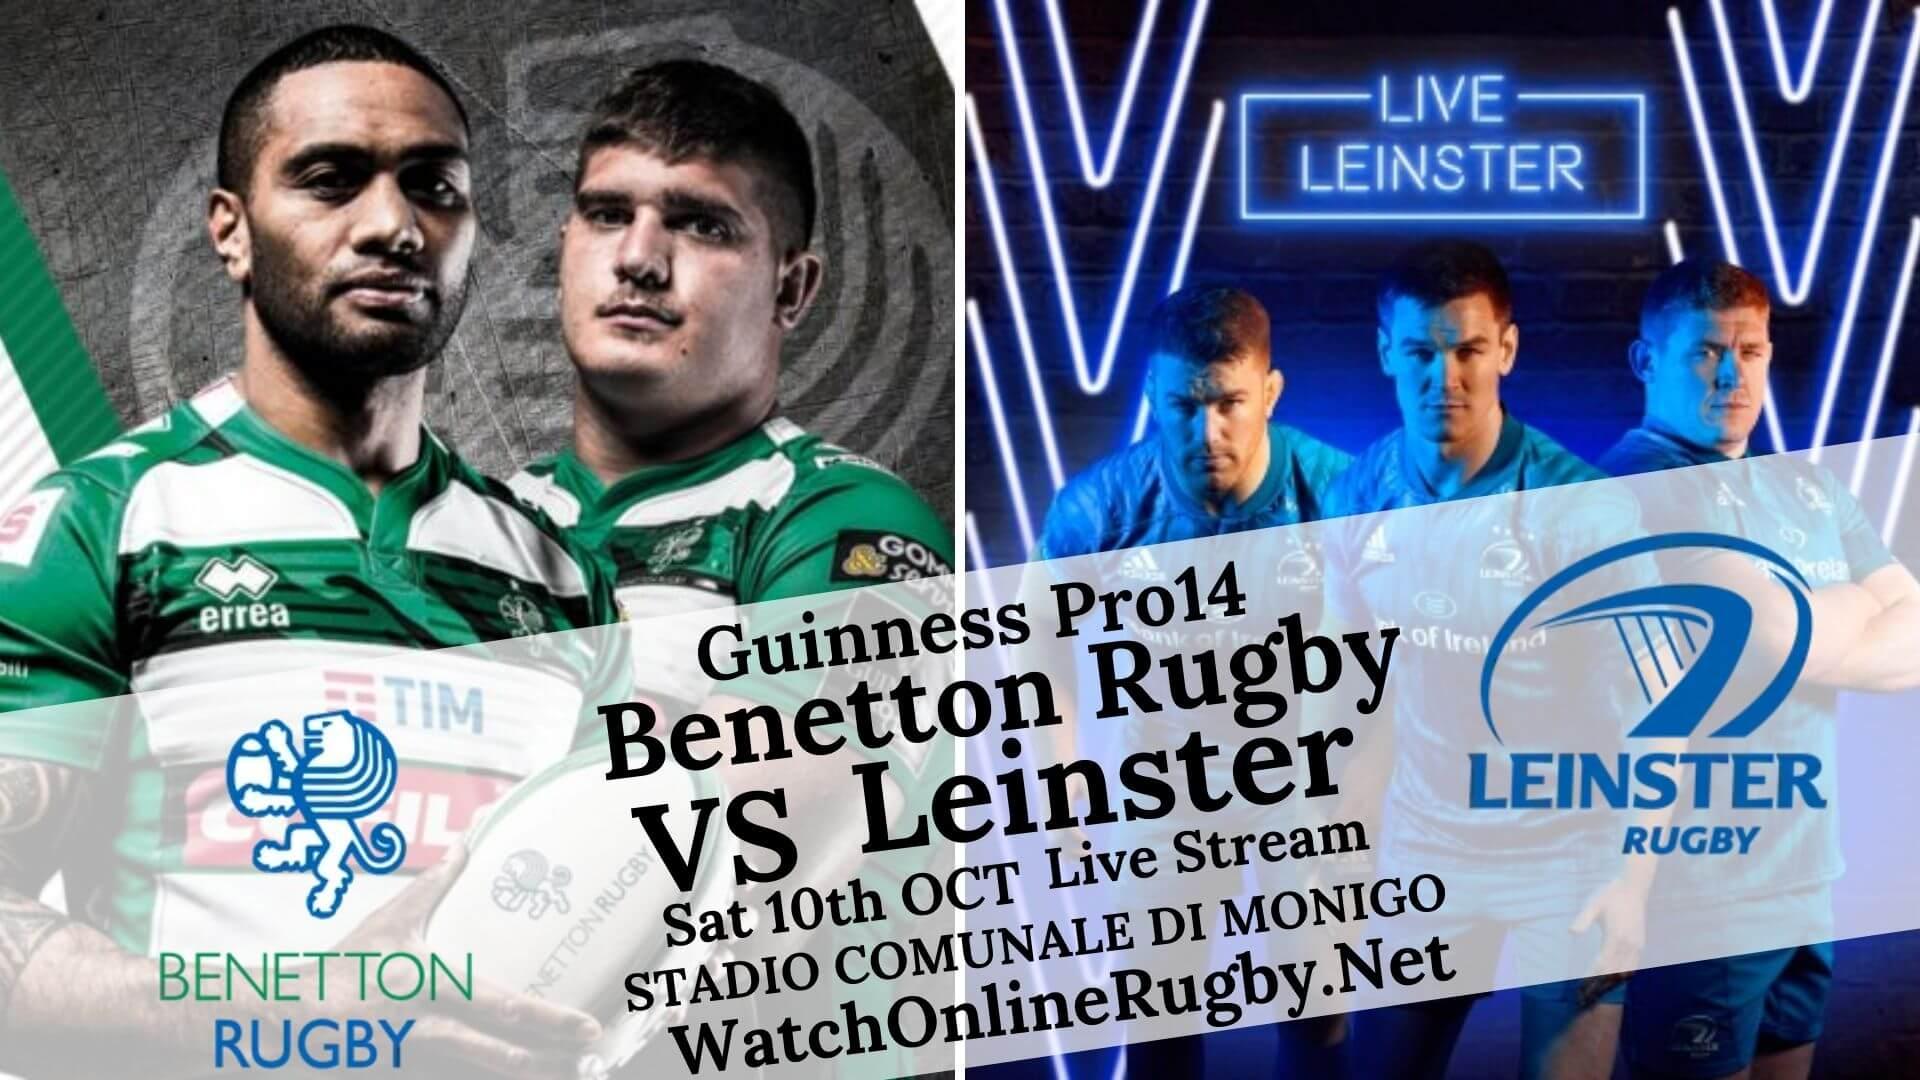 benetton-vs-leinster-live-online